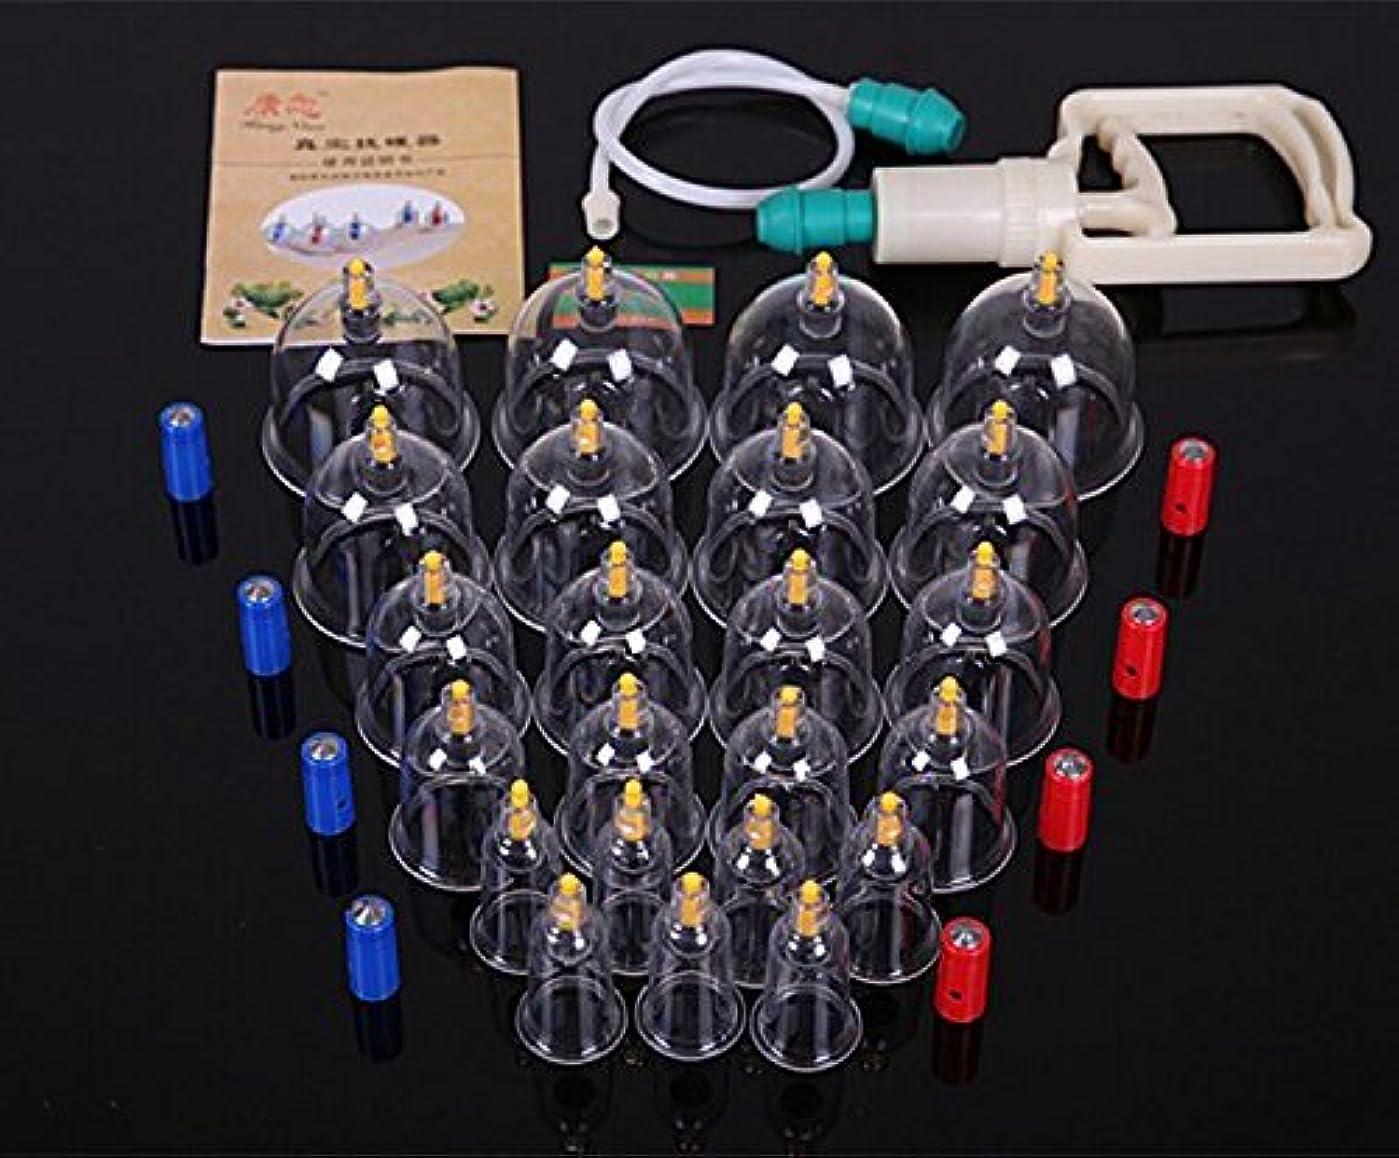 コーナー食品テスピアン中国のカッピング理学療法セット真空ポンプとその他の付属品を備えた24個のカッピンググラス、背中の痛みのための自然療法の自己マッサージ、セルライト、顔、slim身、腹部